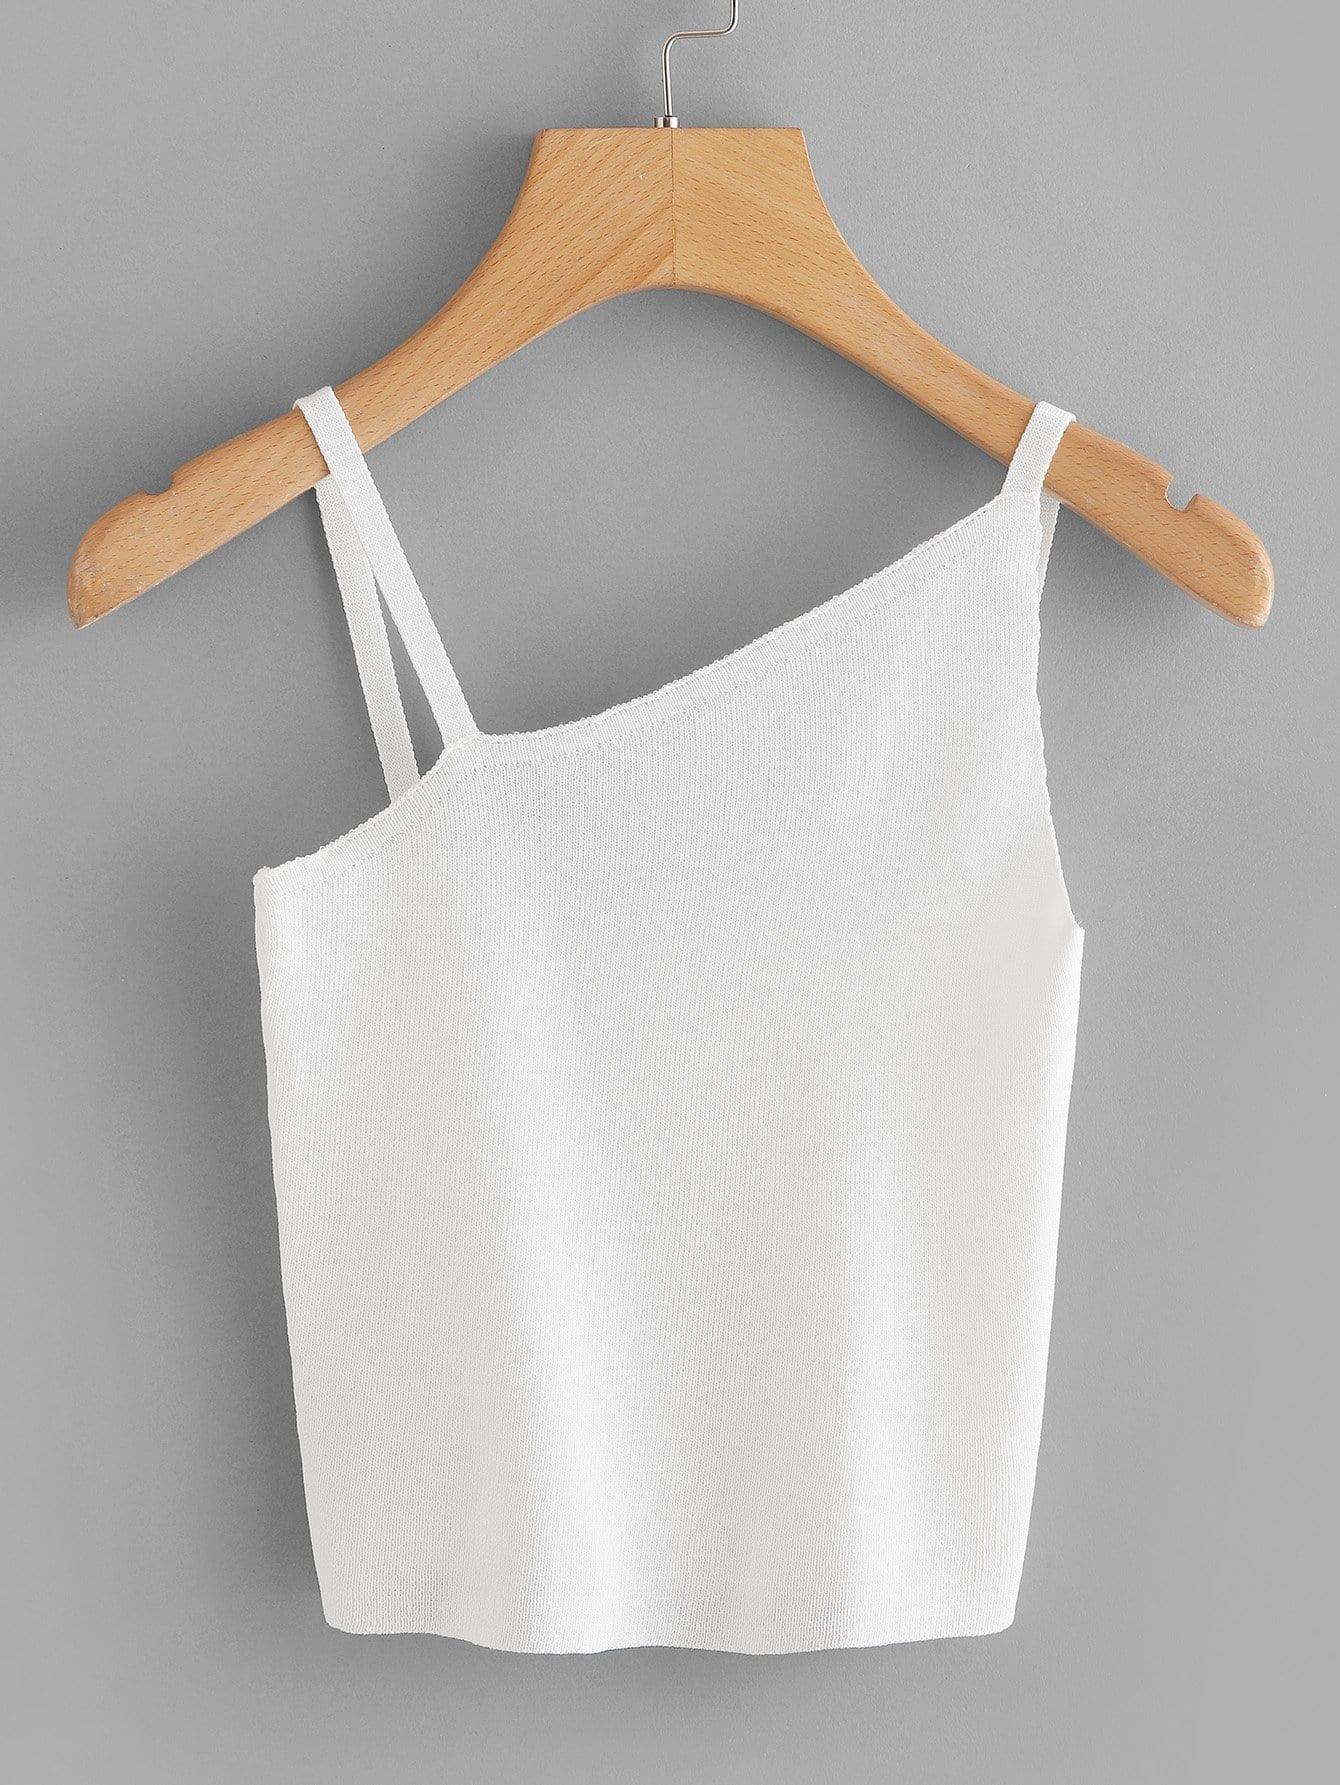 Asymmetrical Neck Knit Crop Top